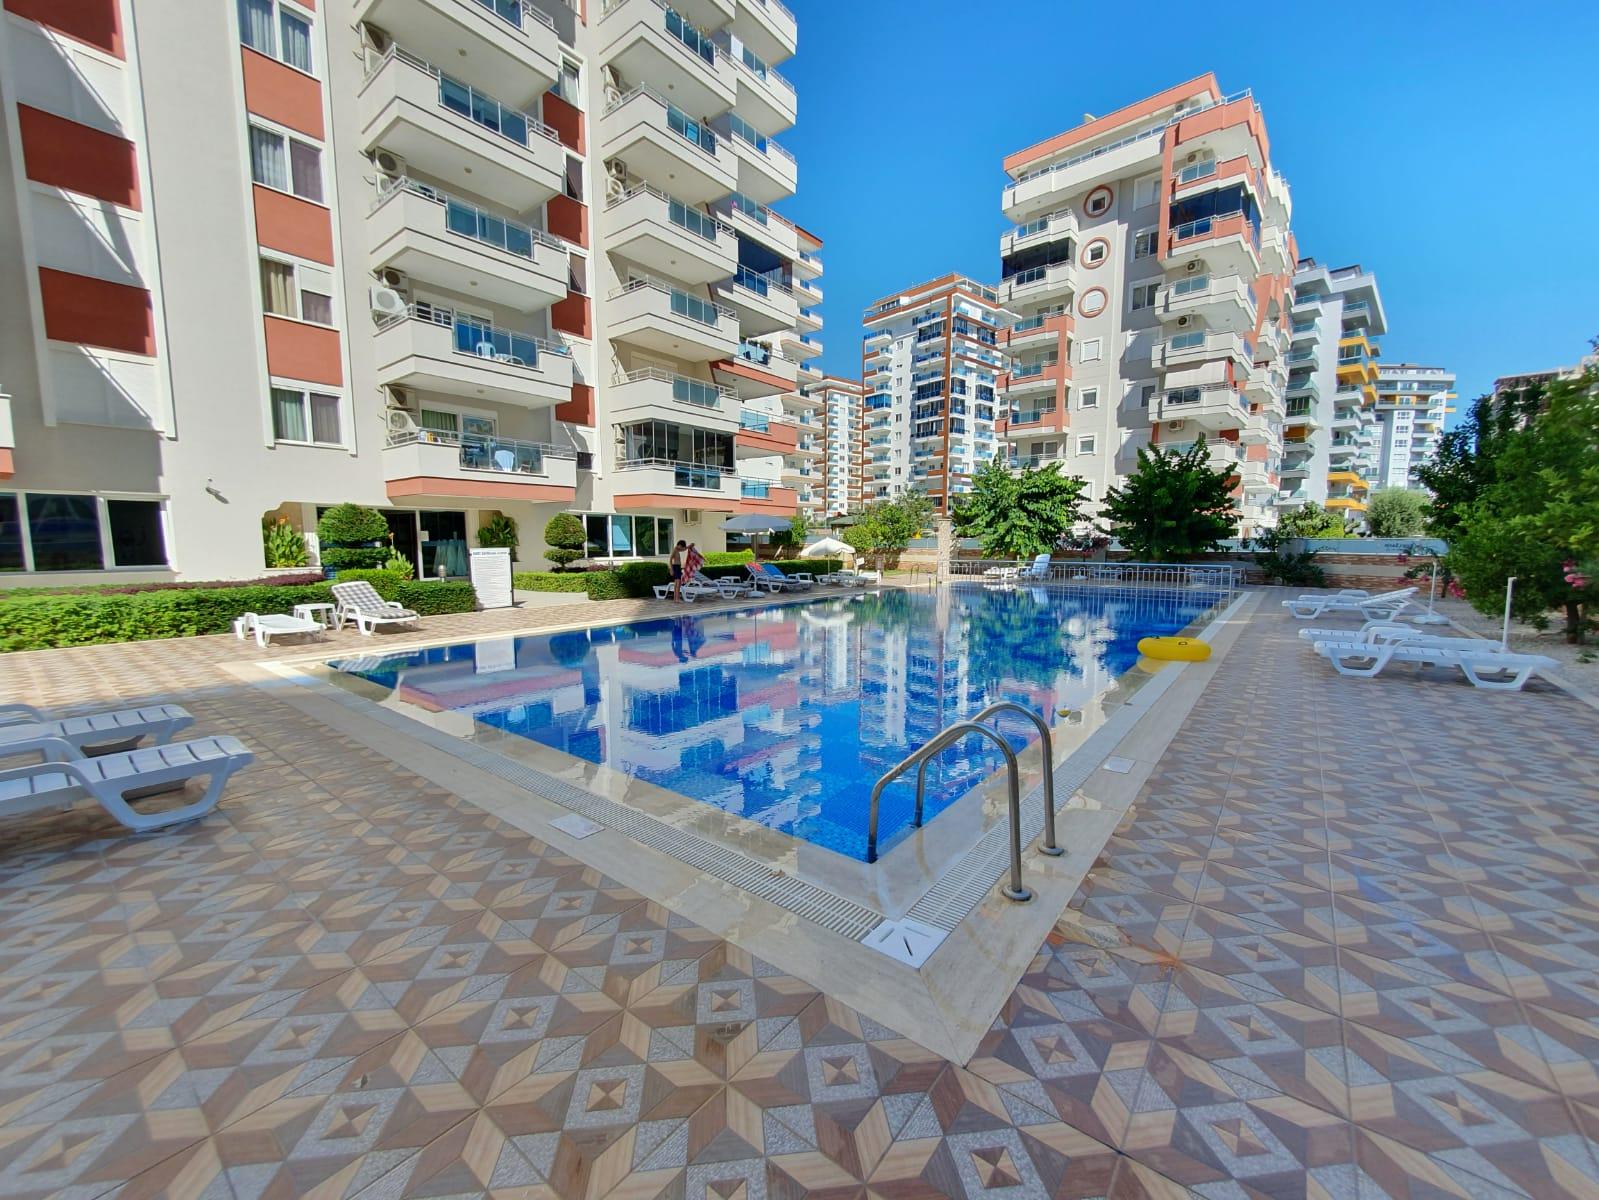 апартаменты 1+1 в ЖК Euro Residence 15, стоимостью 45.000 евро